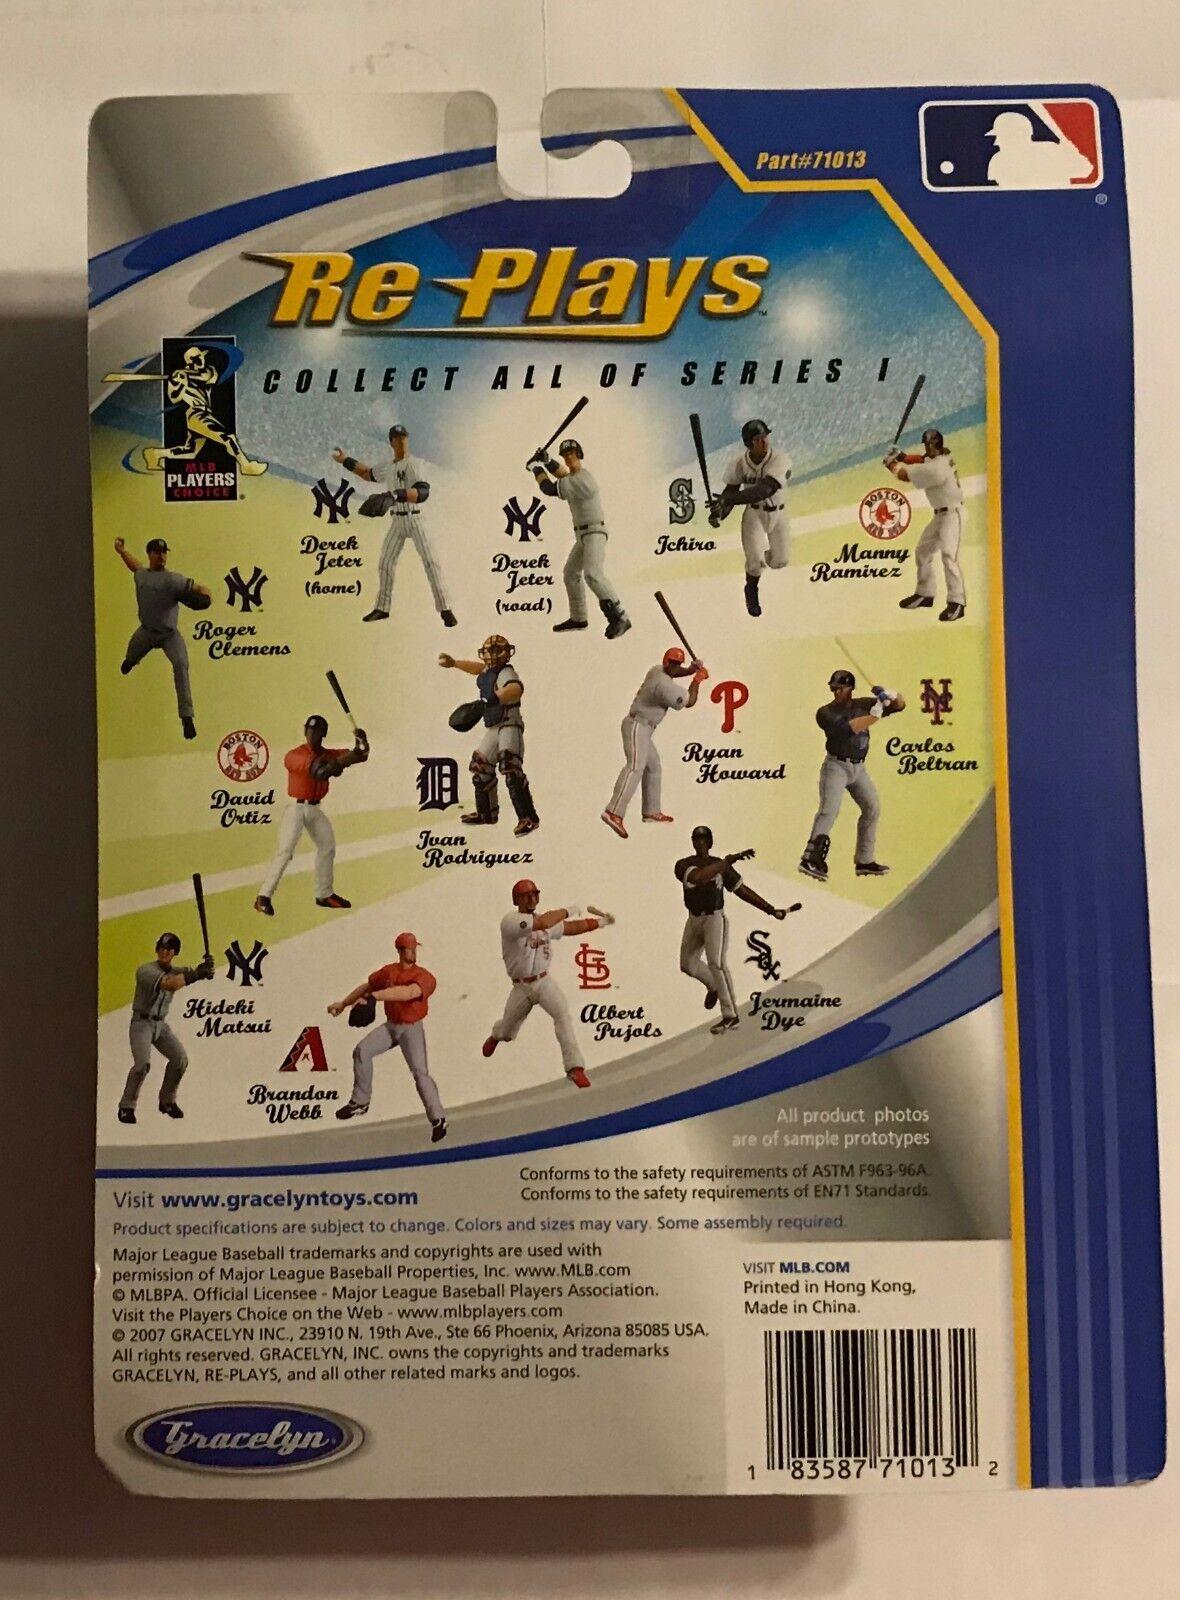 2007 2007 2007 GRACLYN - REPLAYS - SERIES 1 - DEREK JETER 4fdb44